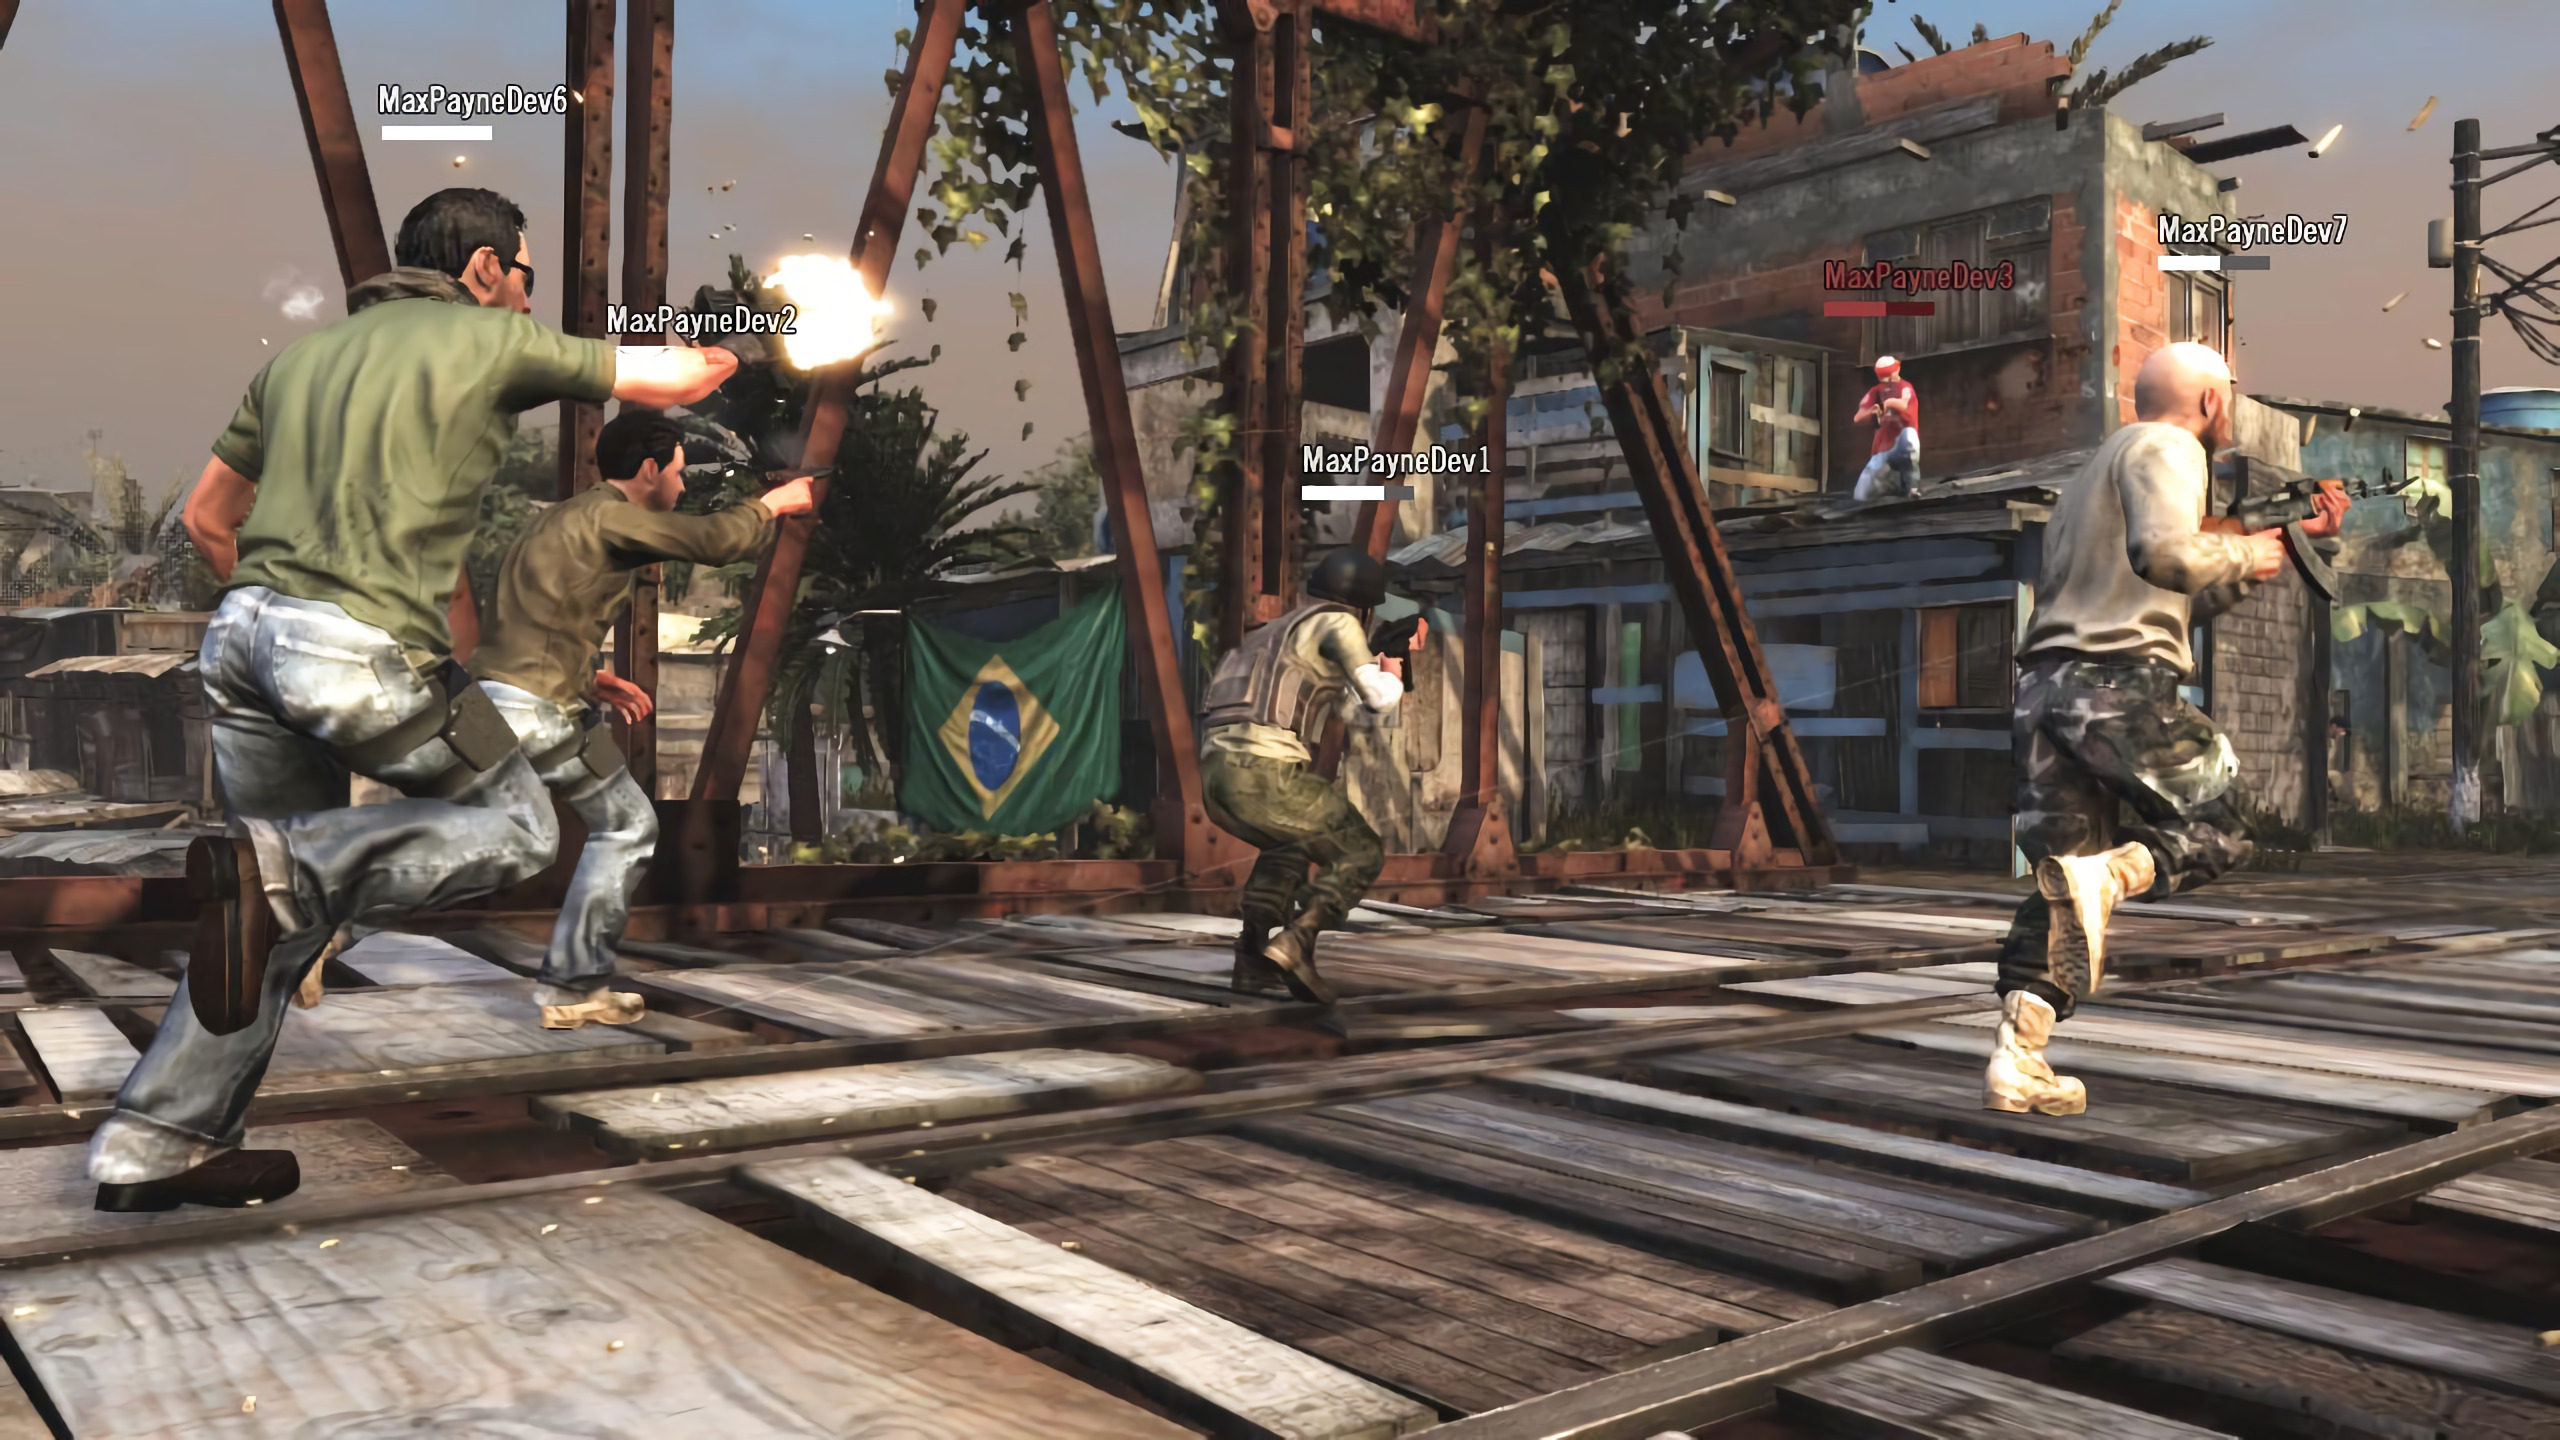 Na noite passada, a Rockstar Games fez algumas alterações nos seus jogos disponíveis na Steam, o que acabou removendo os jogos da loja.